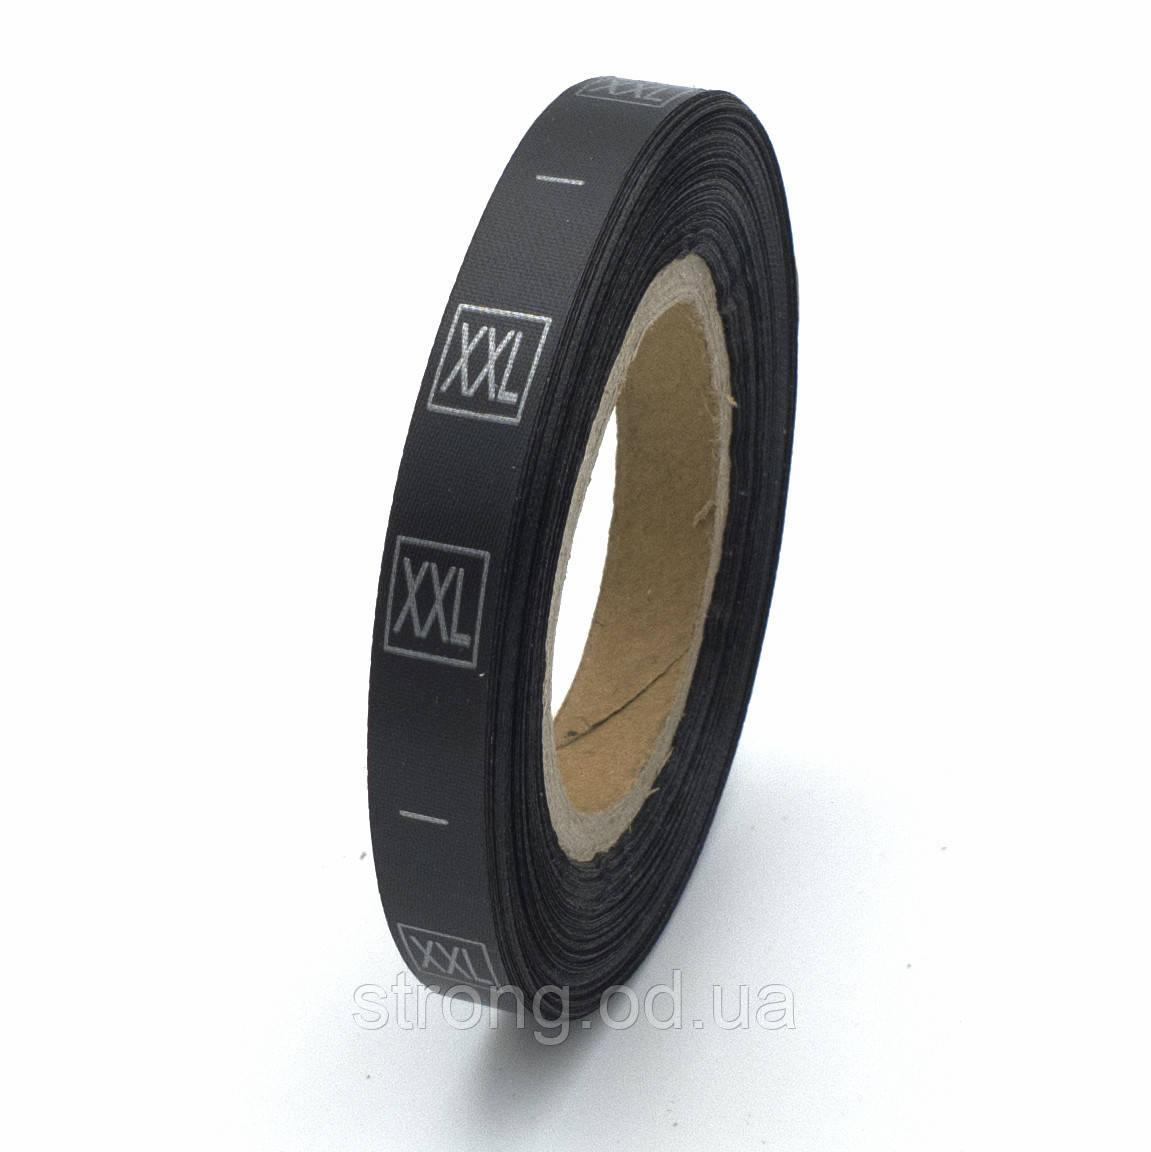 Размерник пришивной XXL 600шт. черный